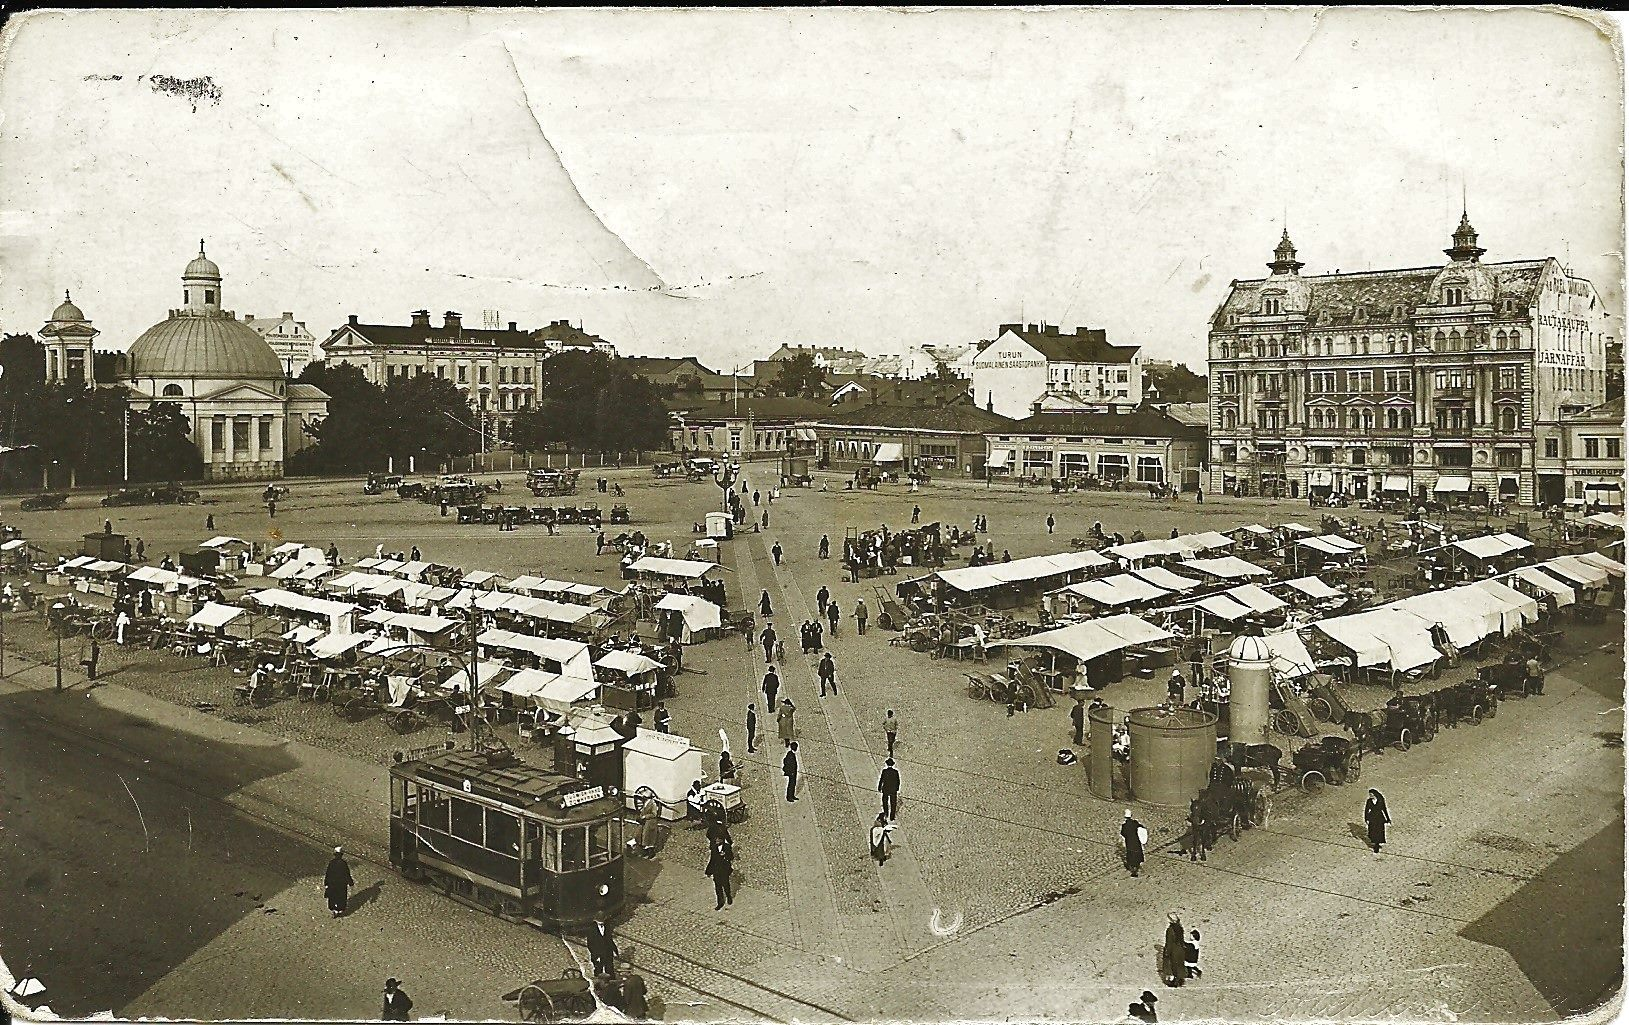 Turun Kauppatori, Market Place